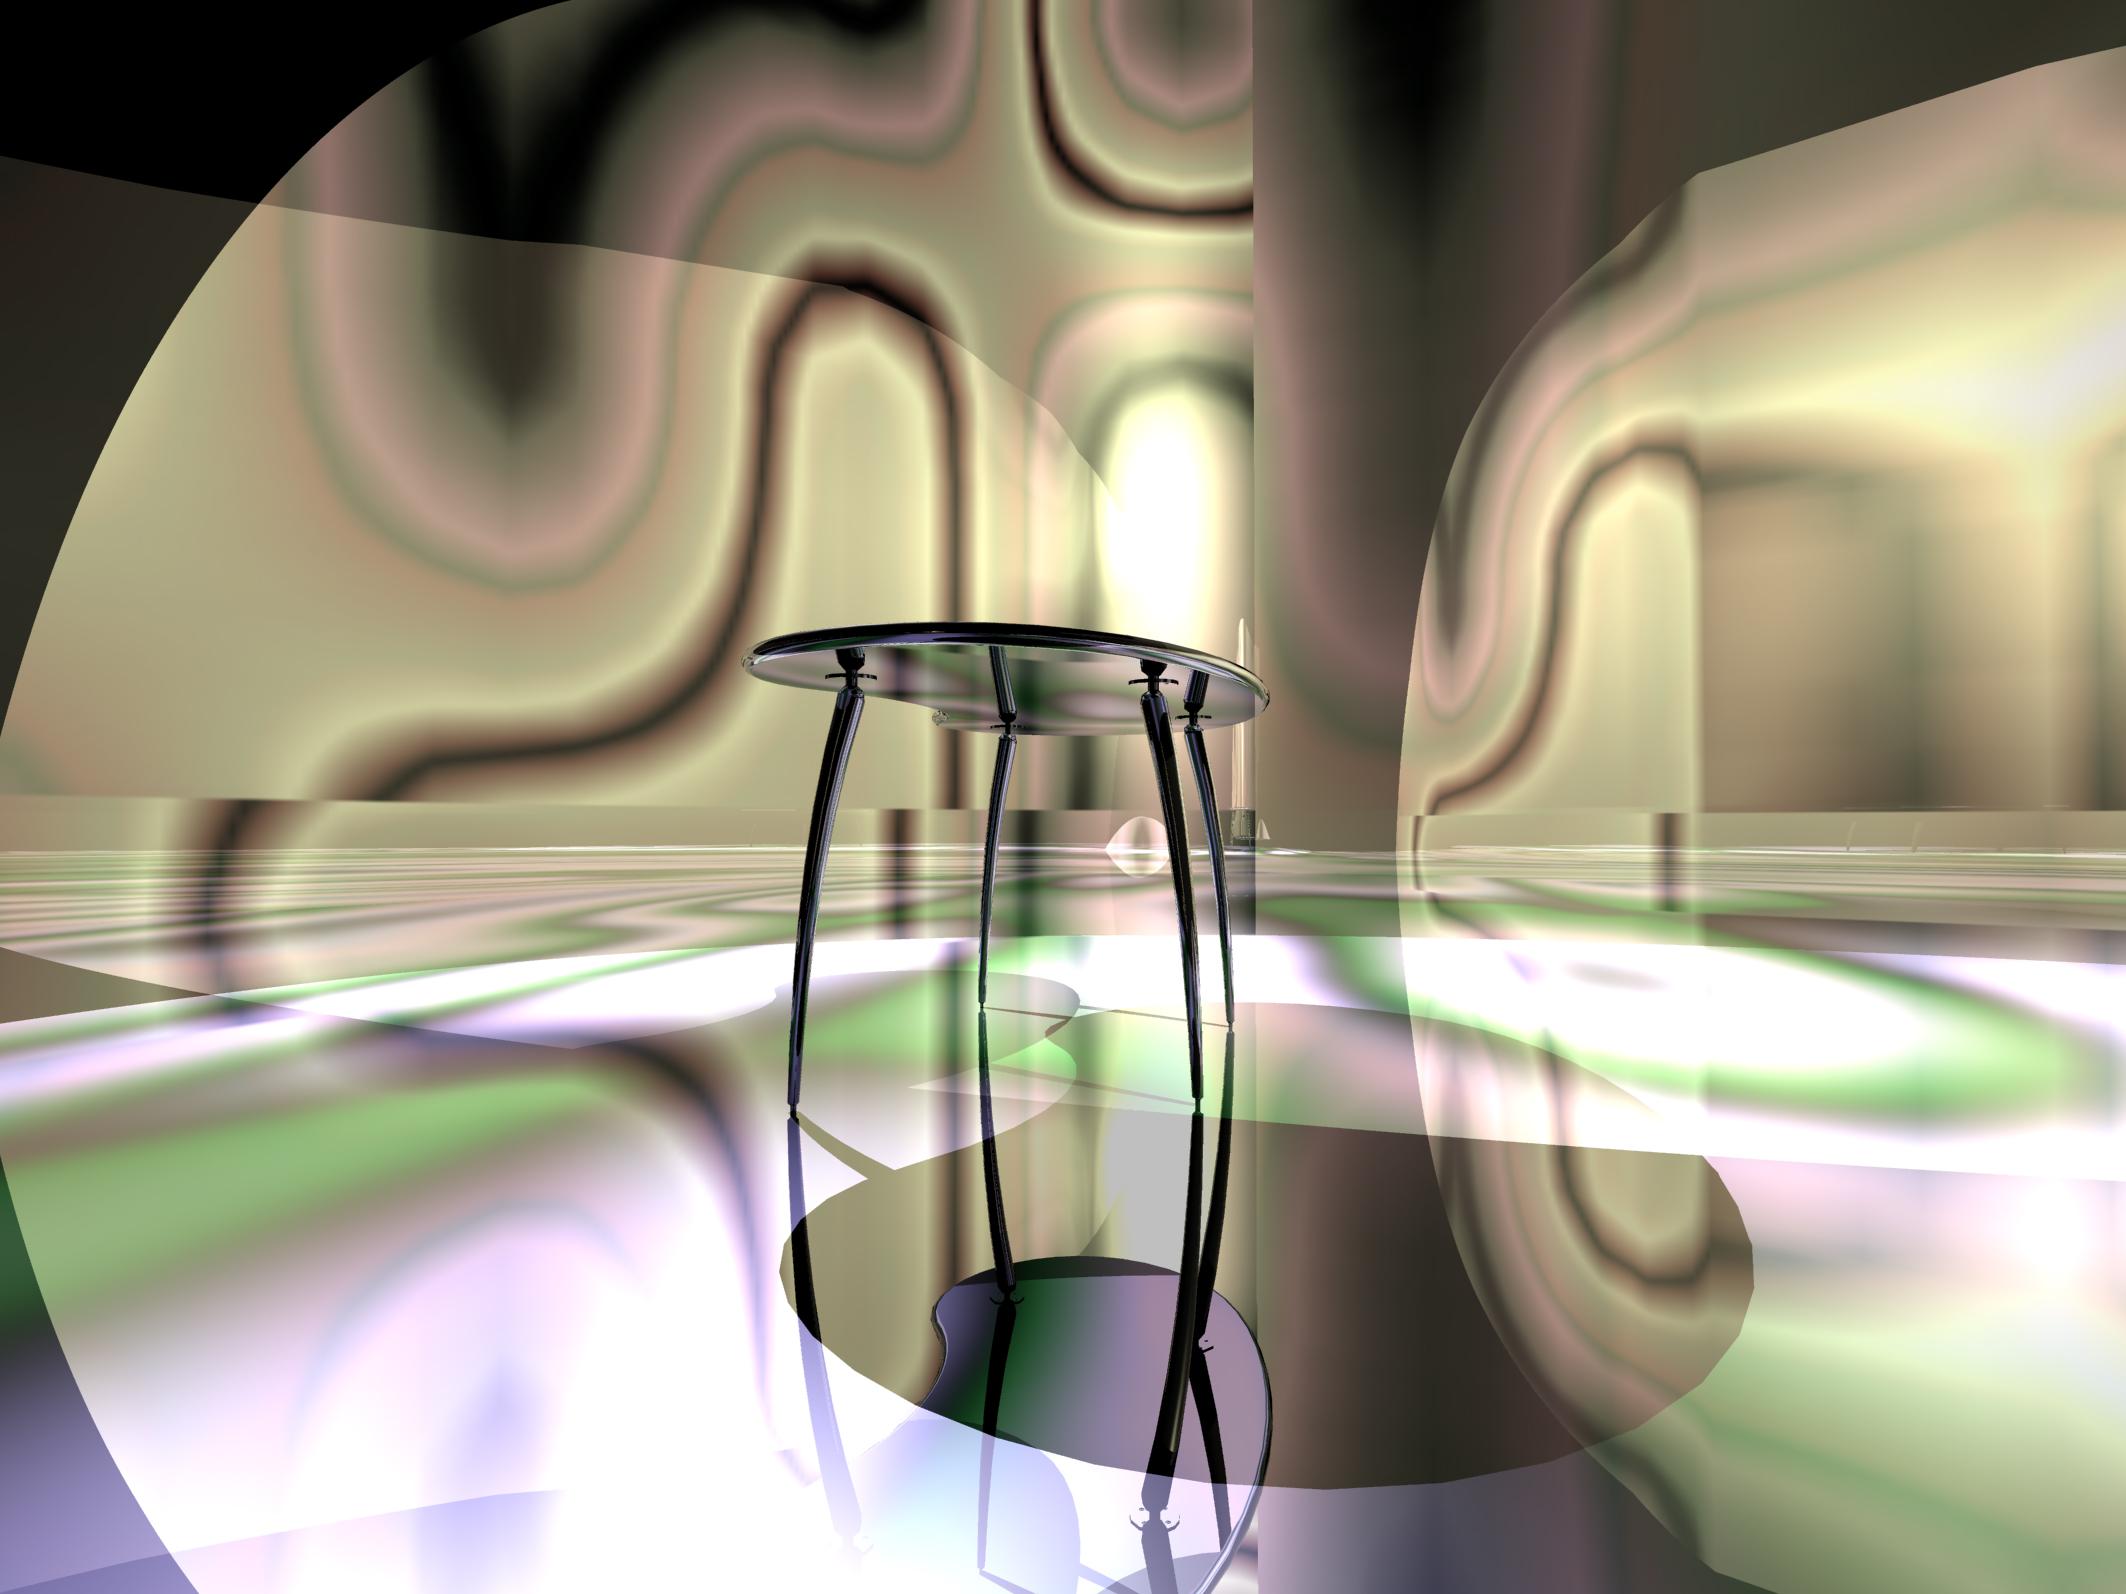 Final render#1:TIFF copy.jpg